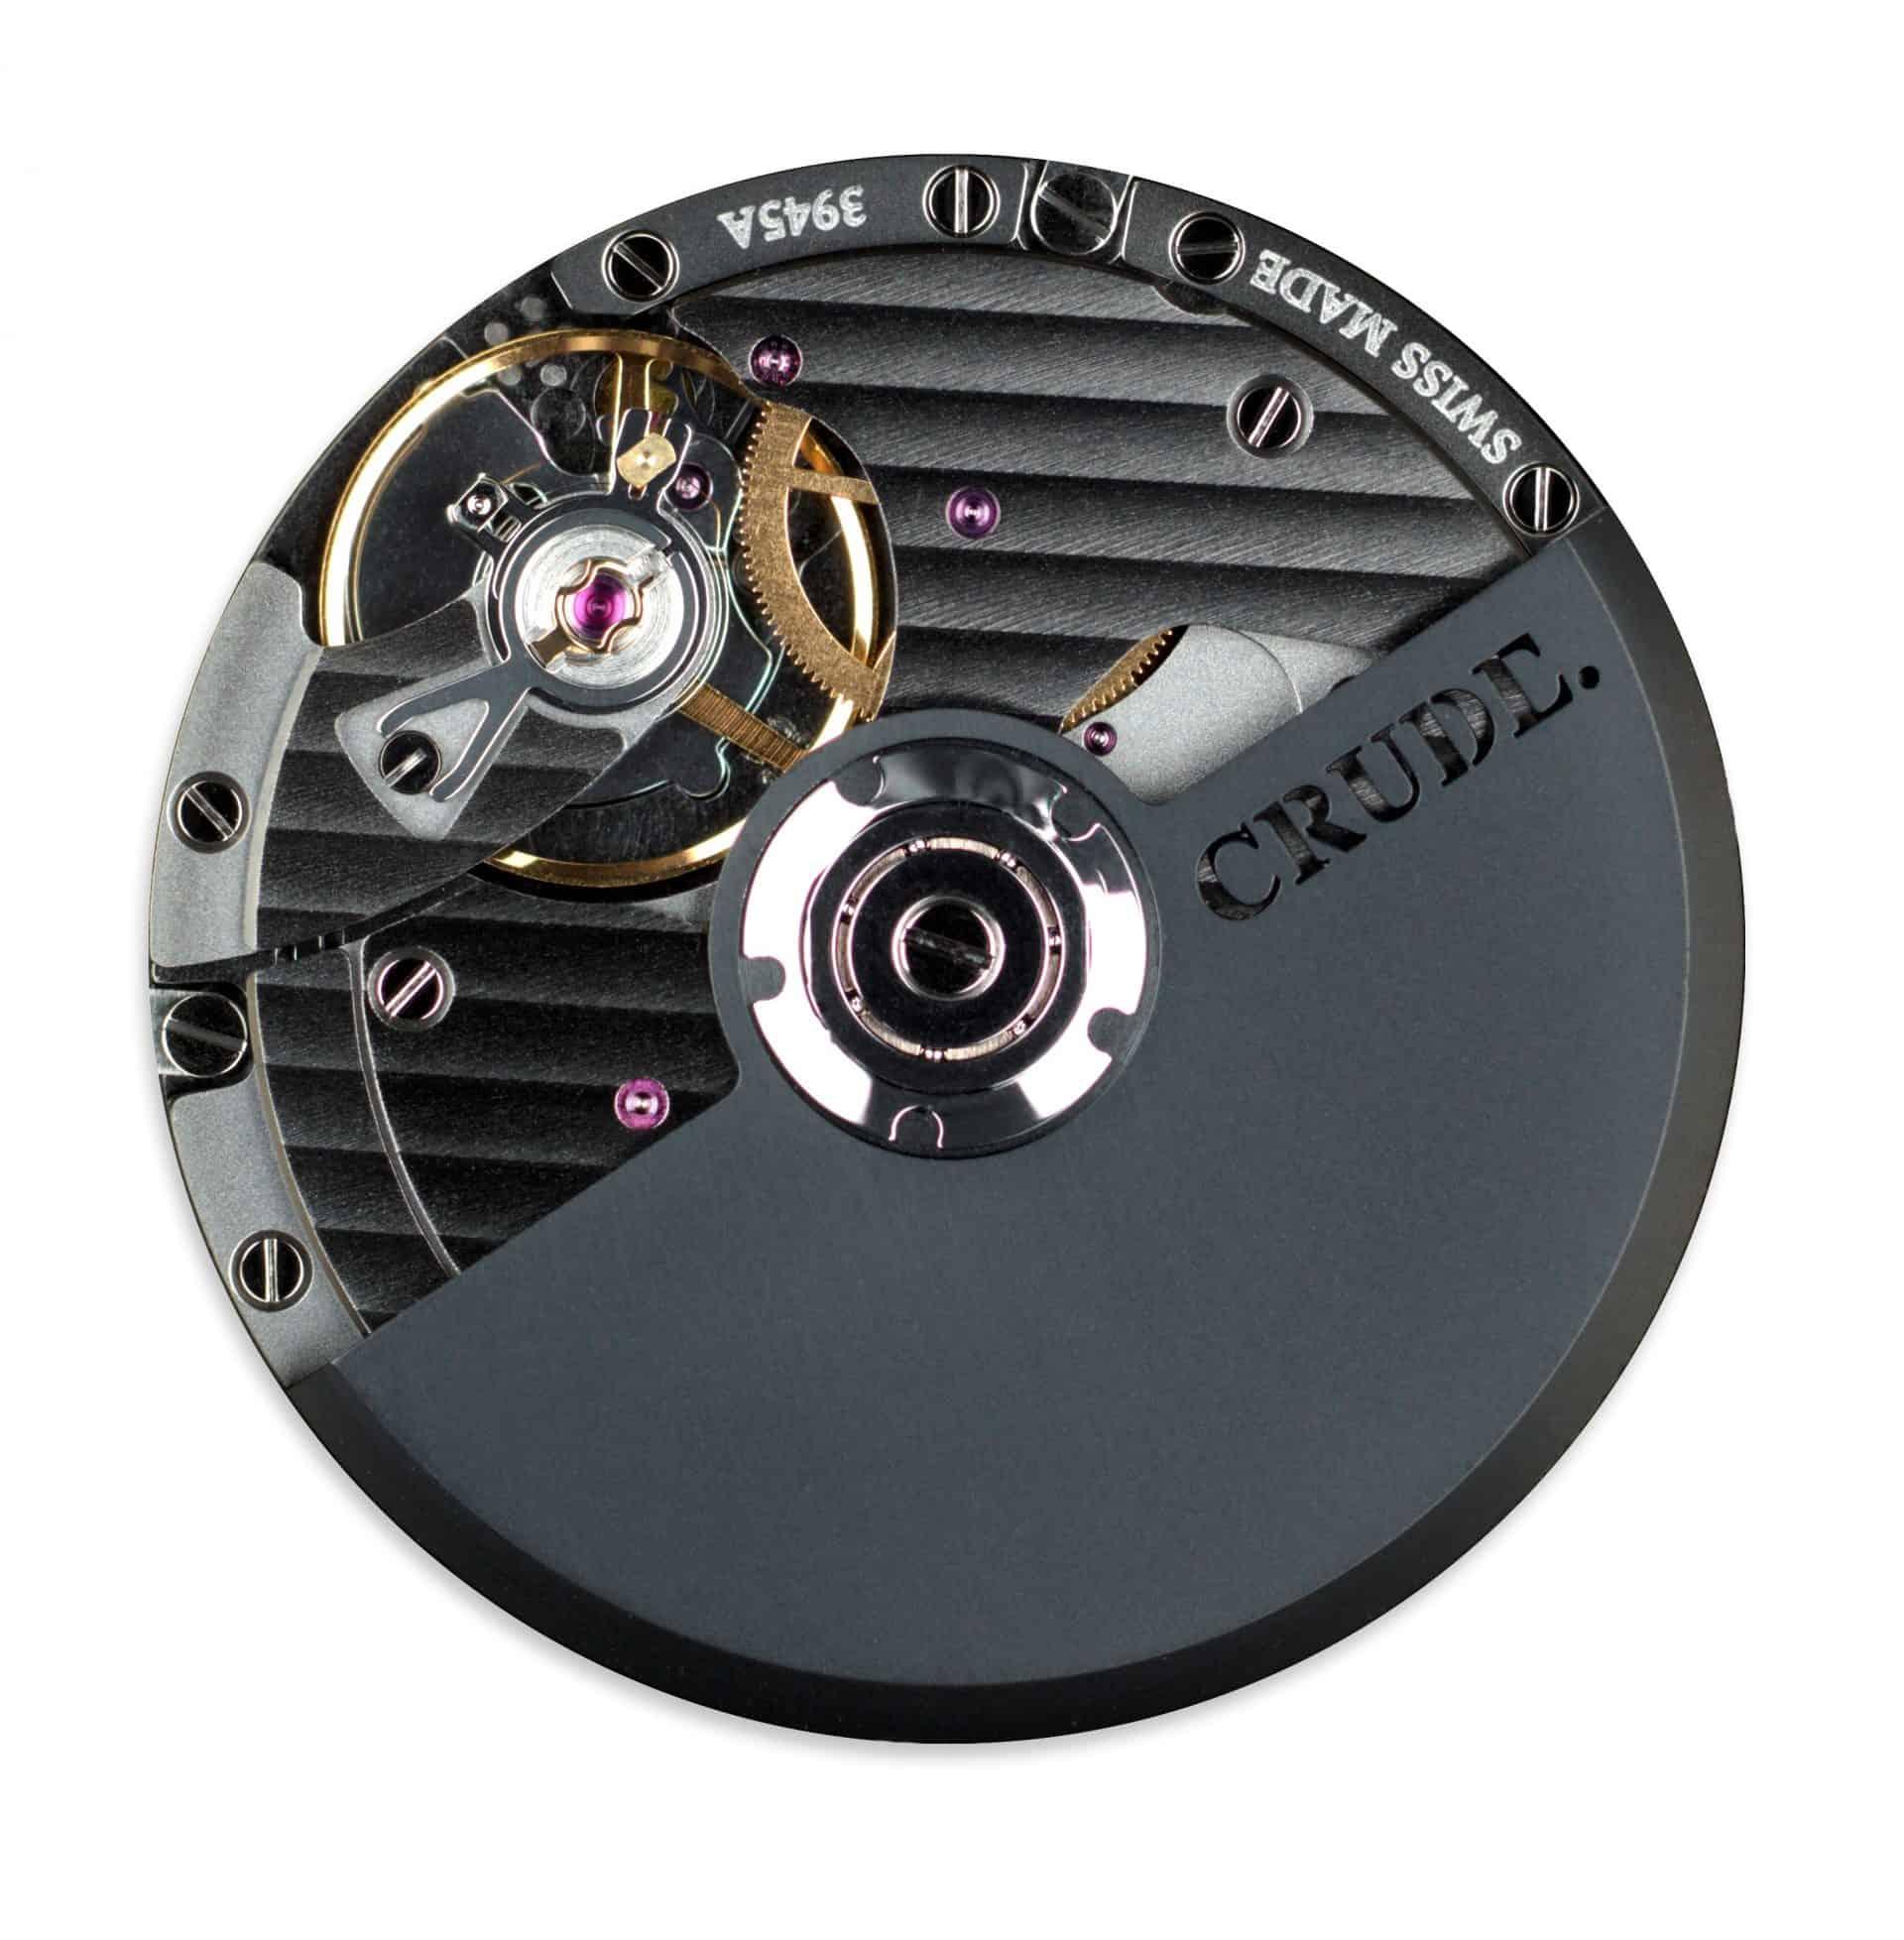 Das hochwertige Uhrwerk kommt von Eterna. Es wird mit Genfer Schliff, Black Rhodium und Crude-Stanzung aufgewertet